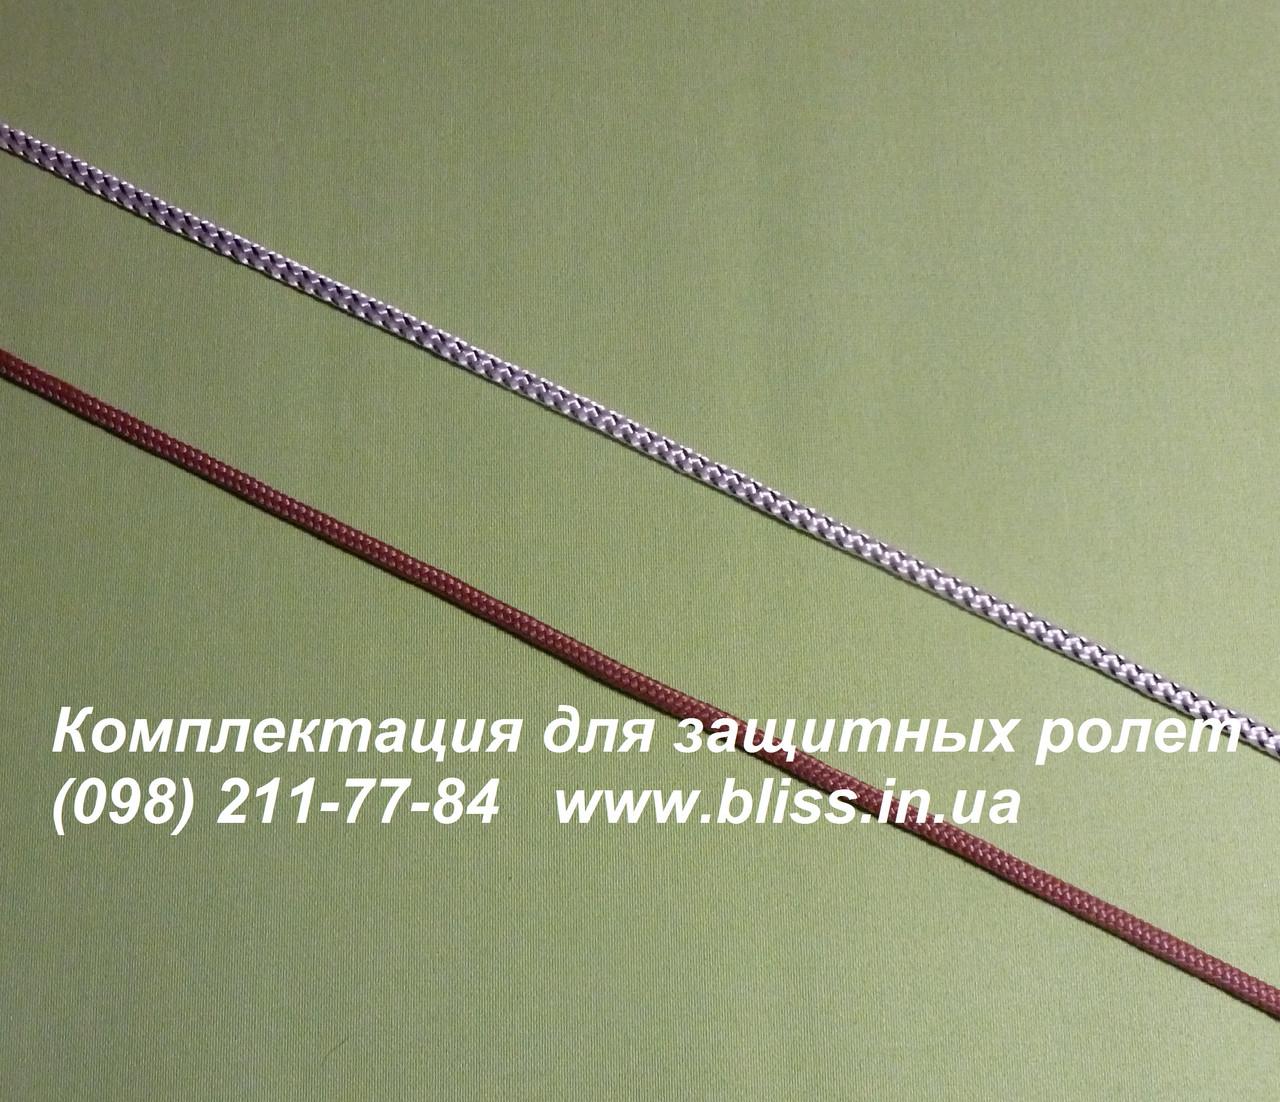 Шнур для защитных ролет коричневый